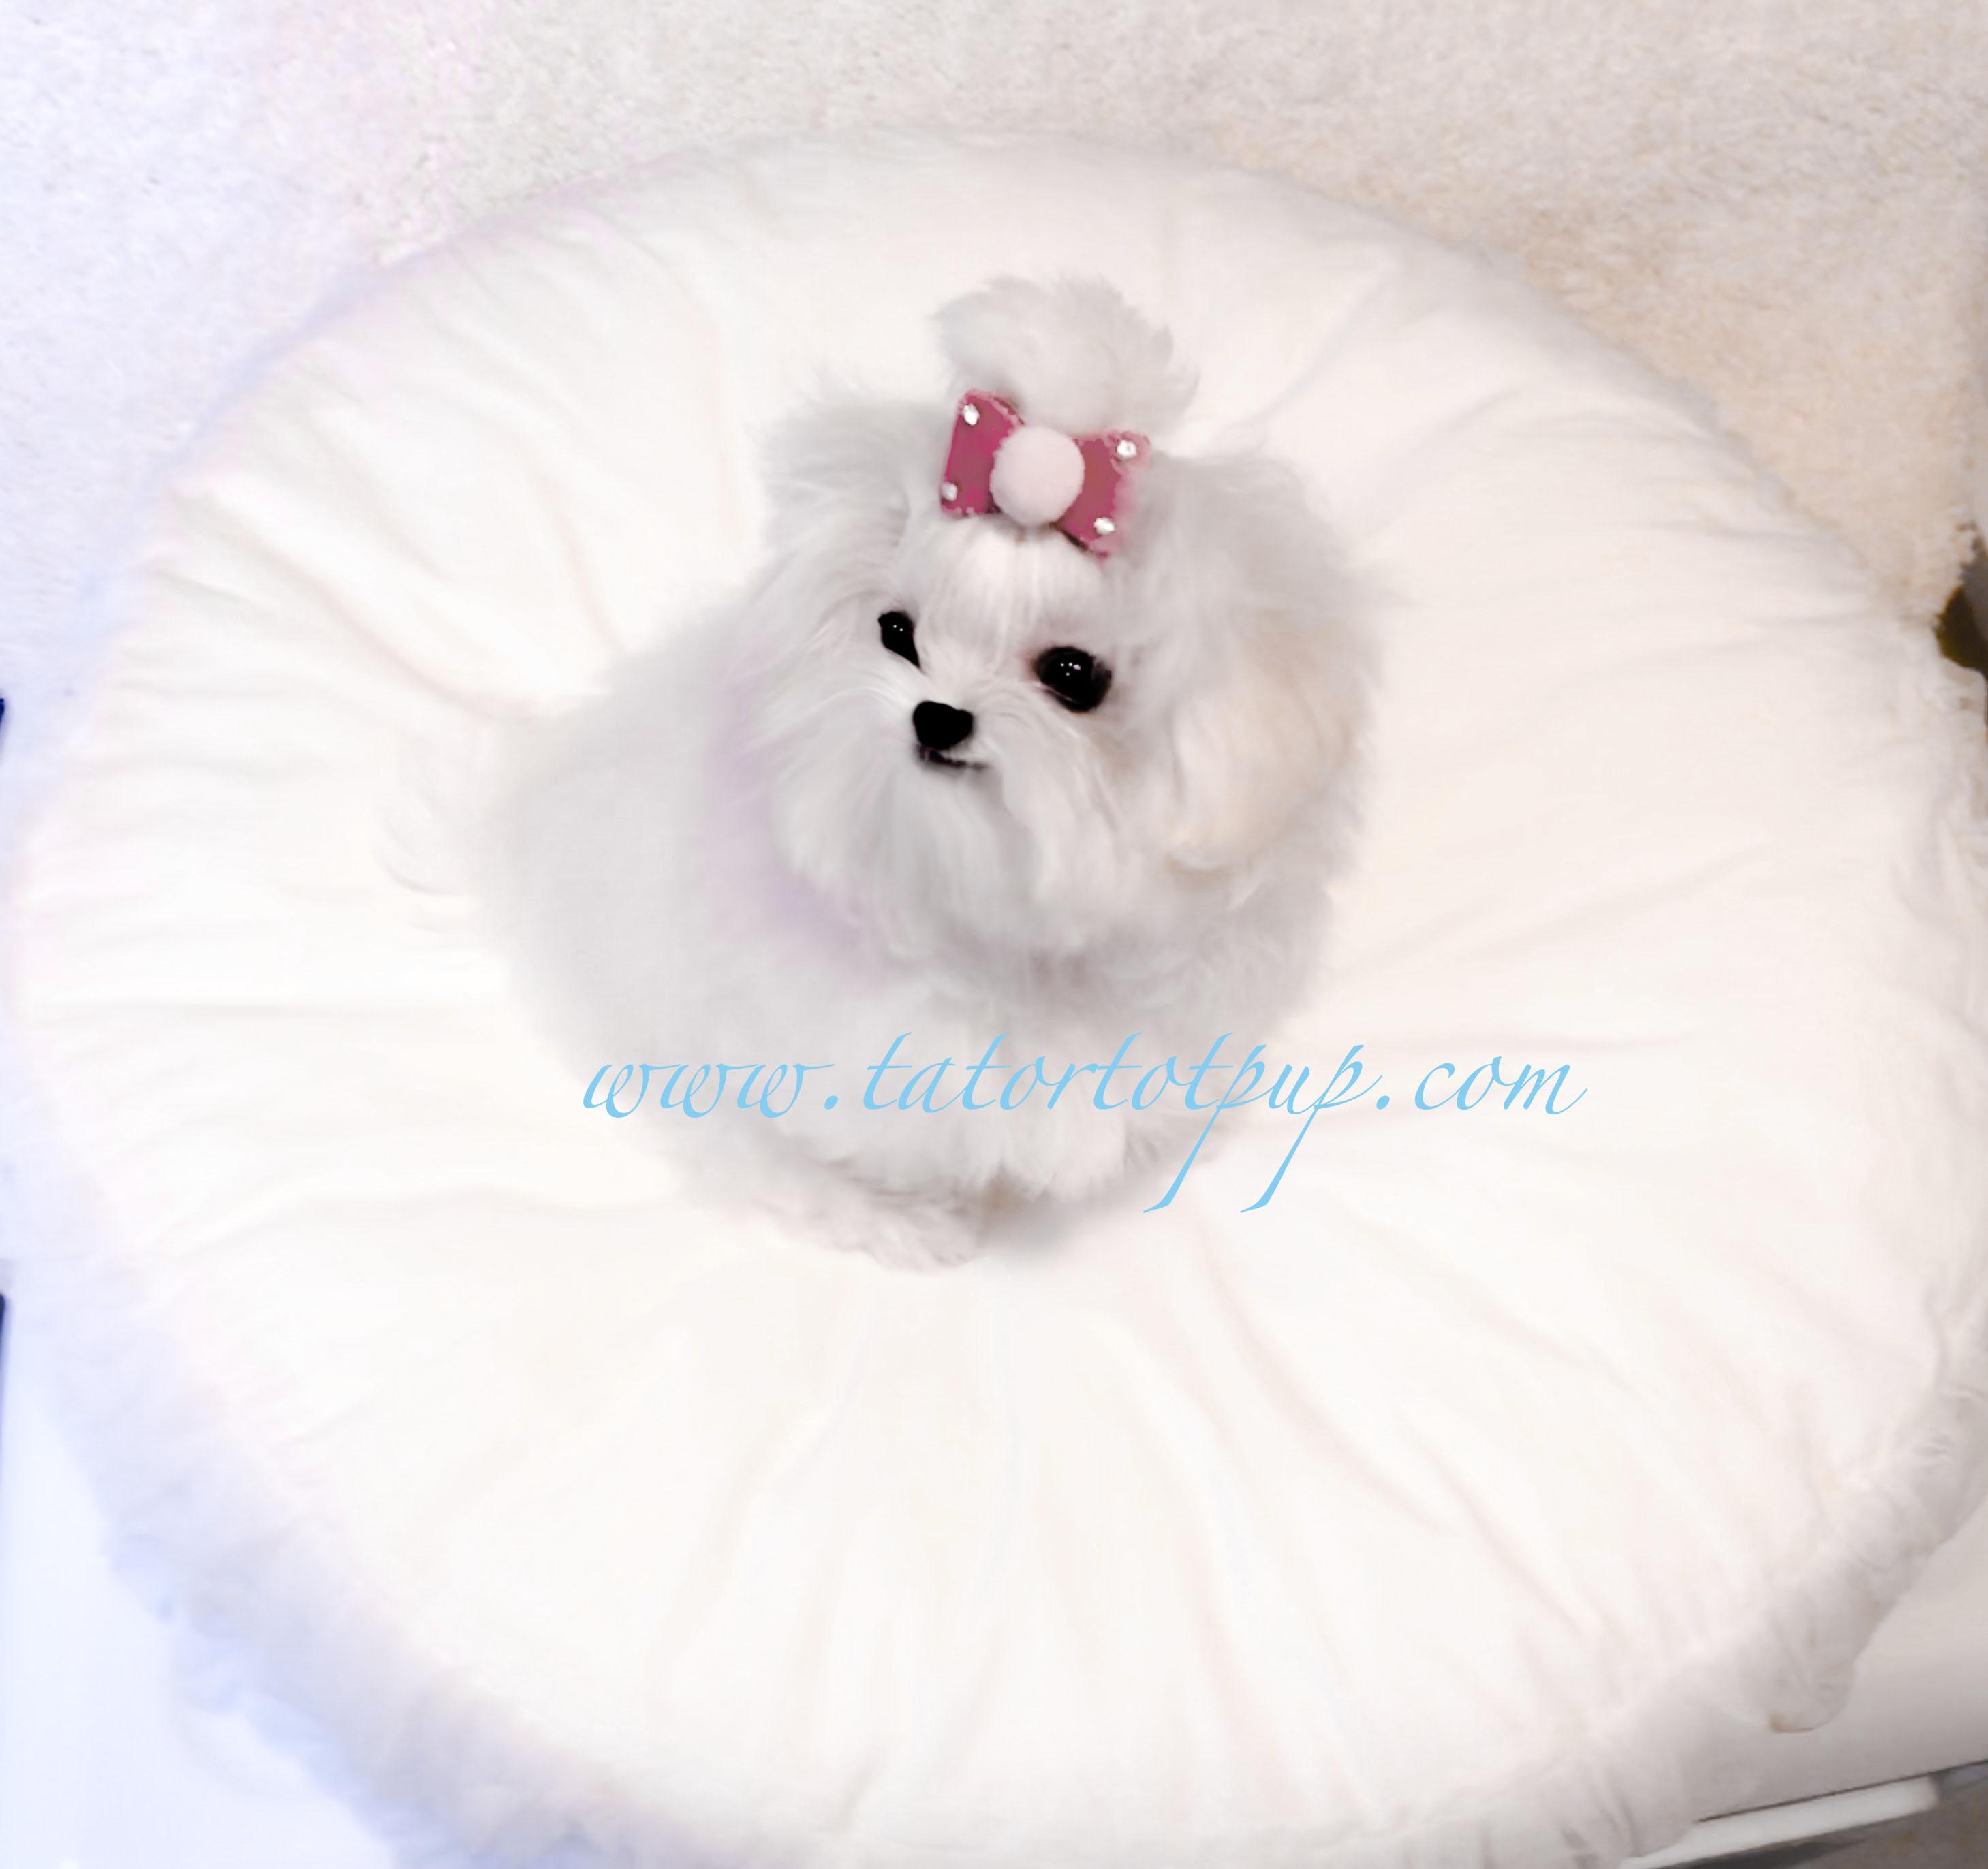 Sold! Tiny Gorgeous Maltese Princess Tiara - $5200 plus delivery